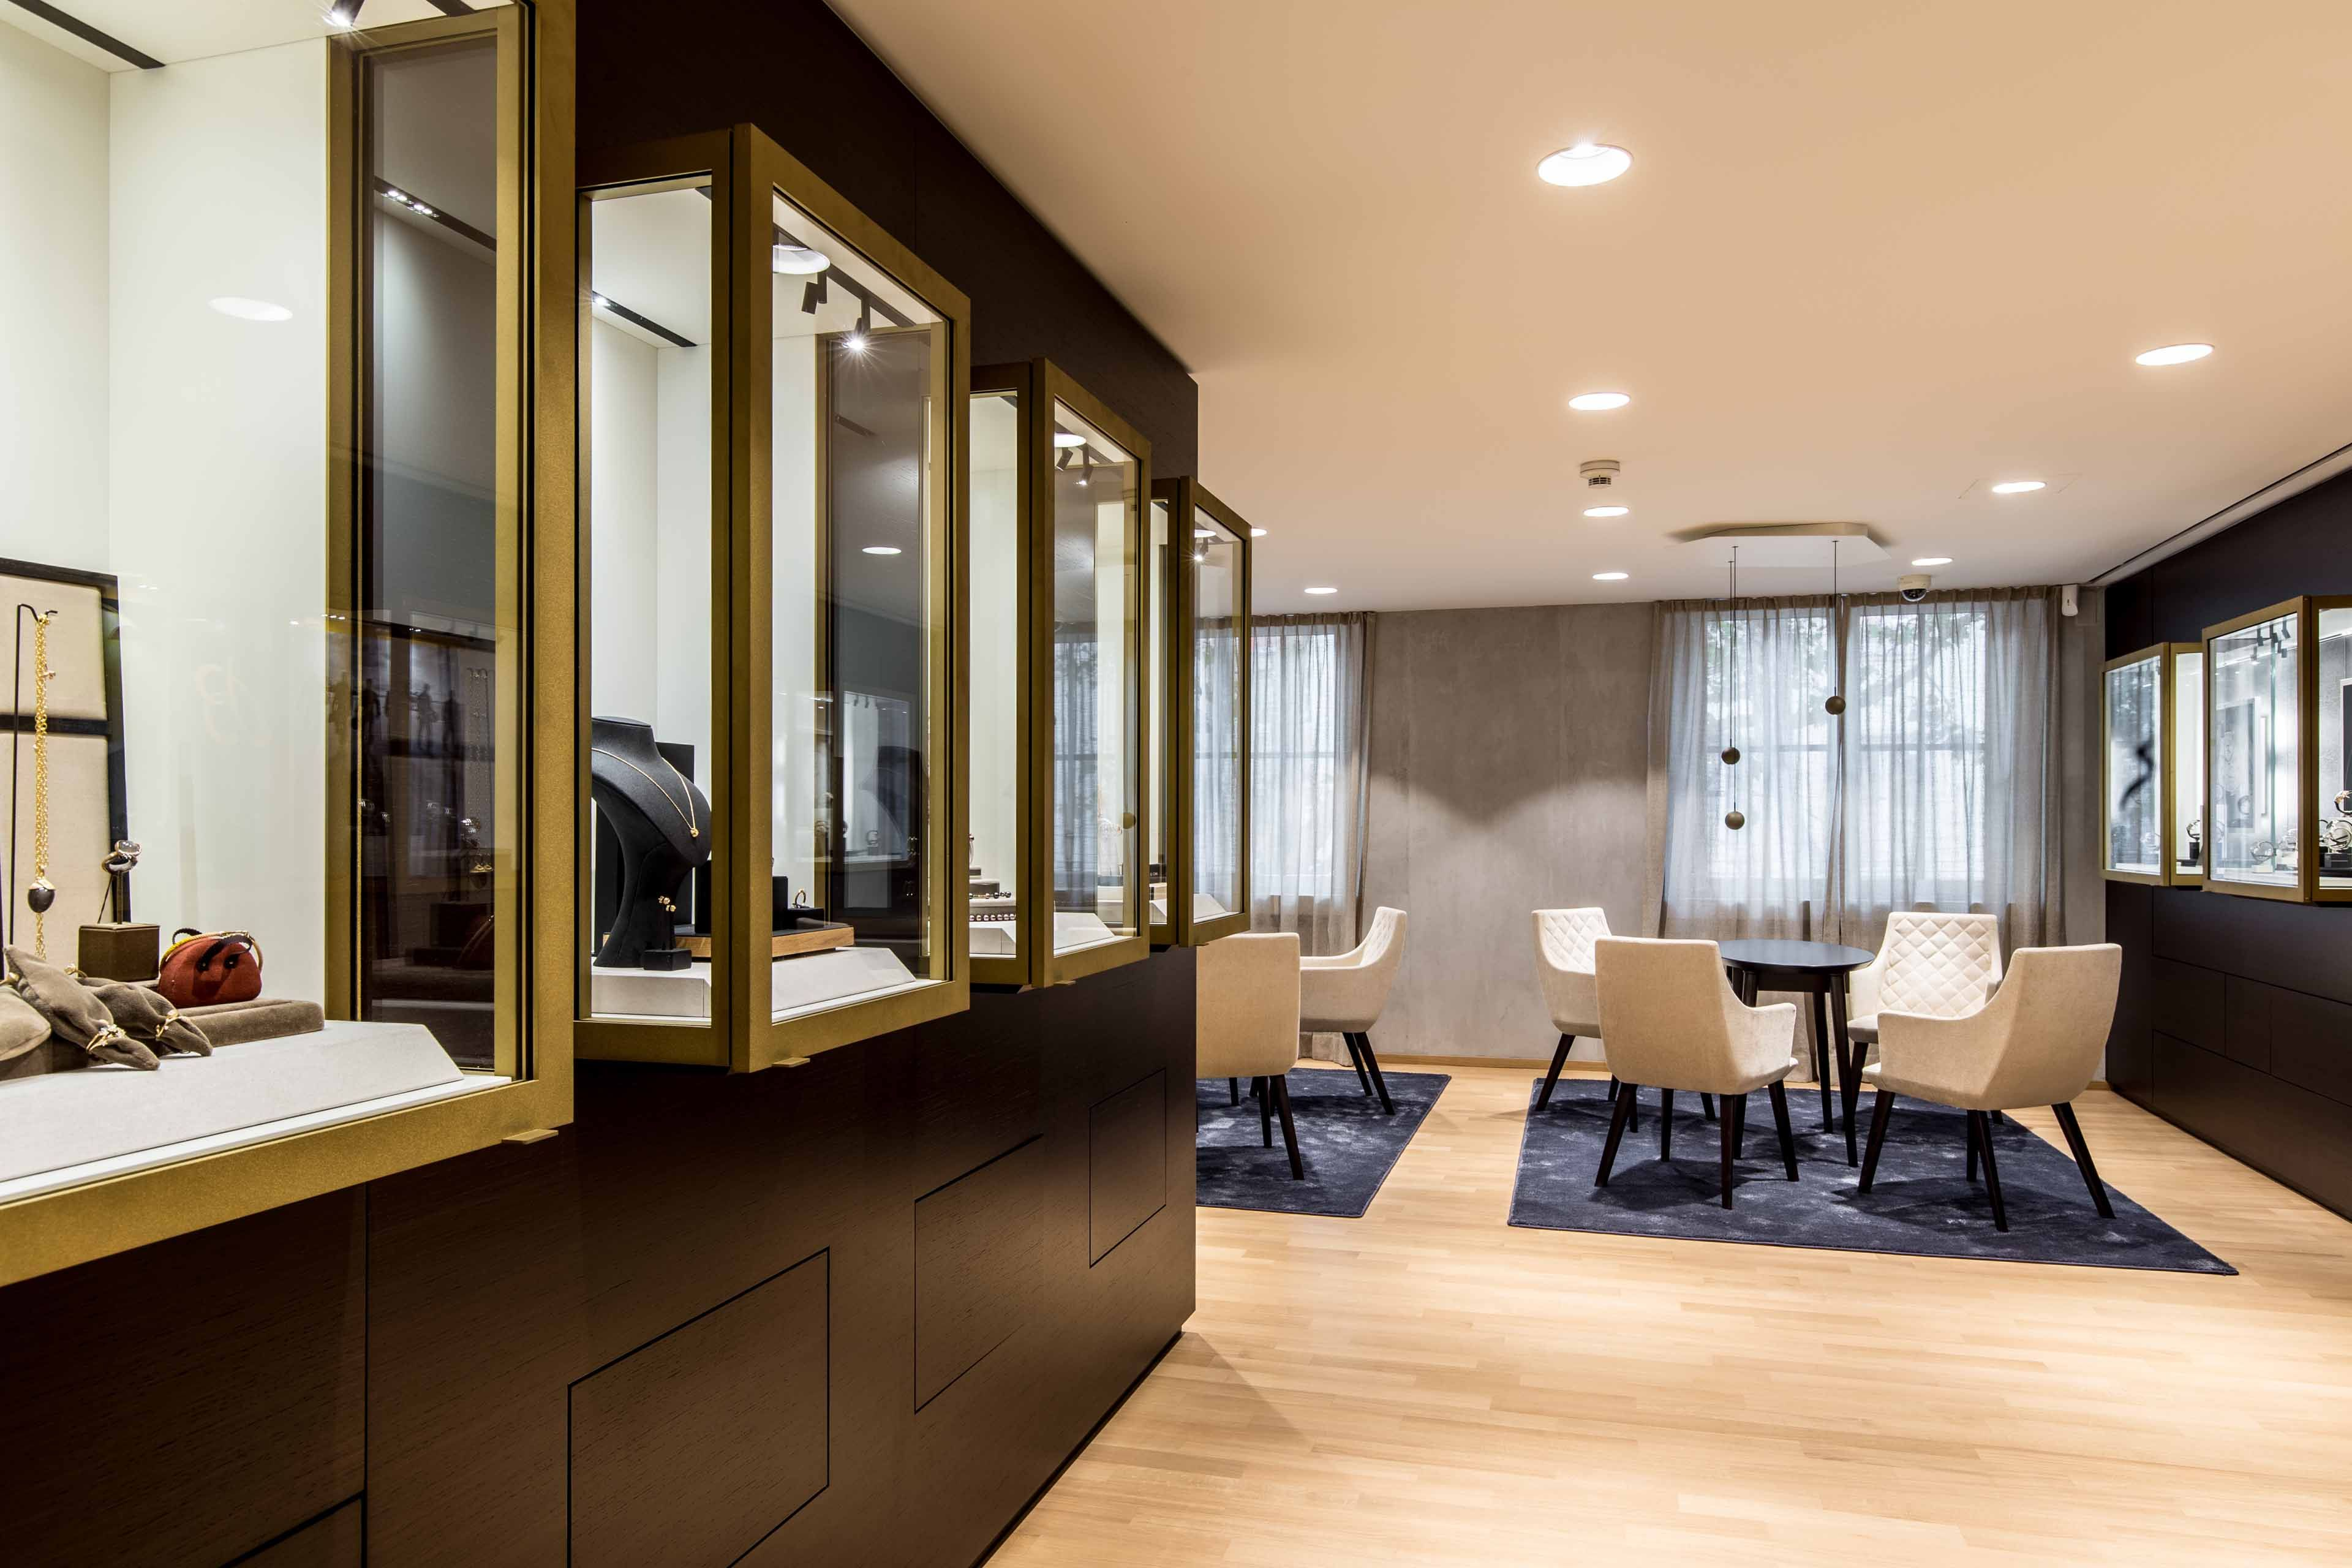 Ort Freiburg Design Ganter Jahr 2018 Buroraume Leder Mobel Verkaufsraum